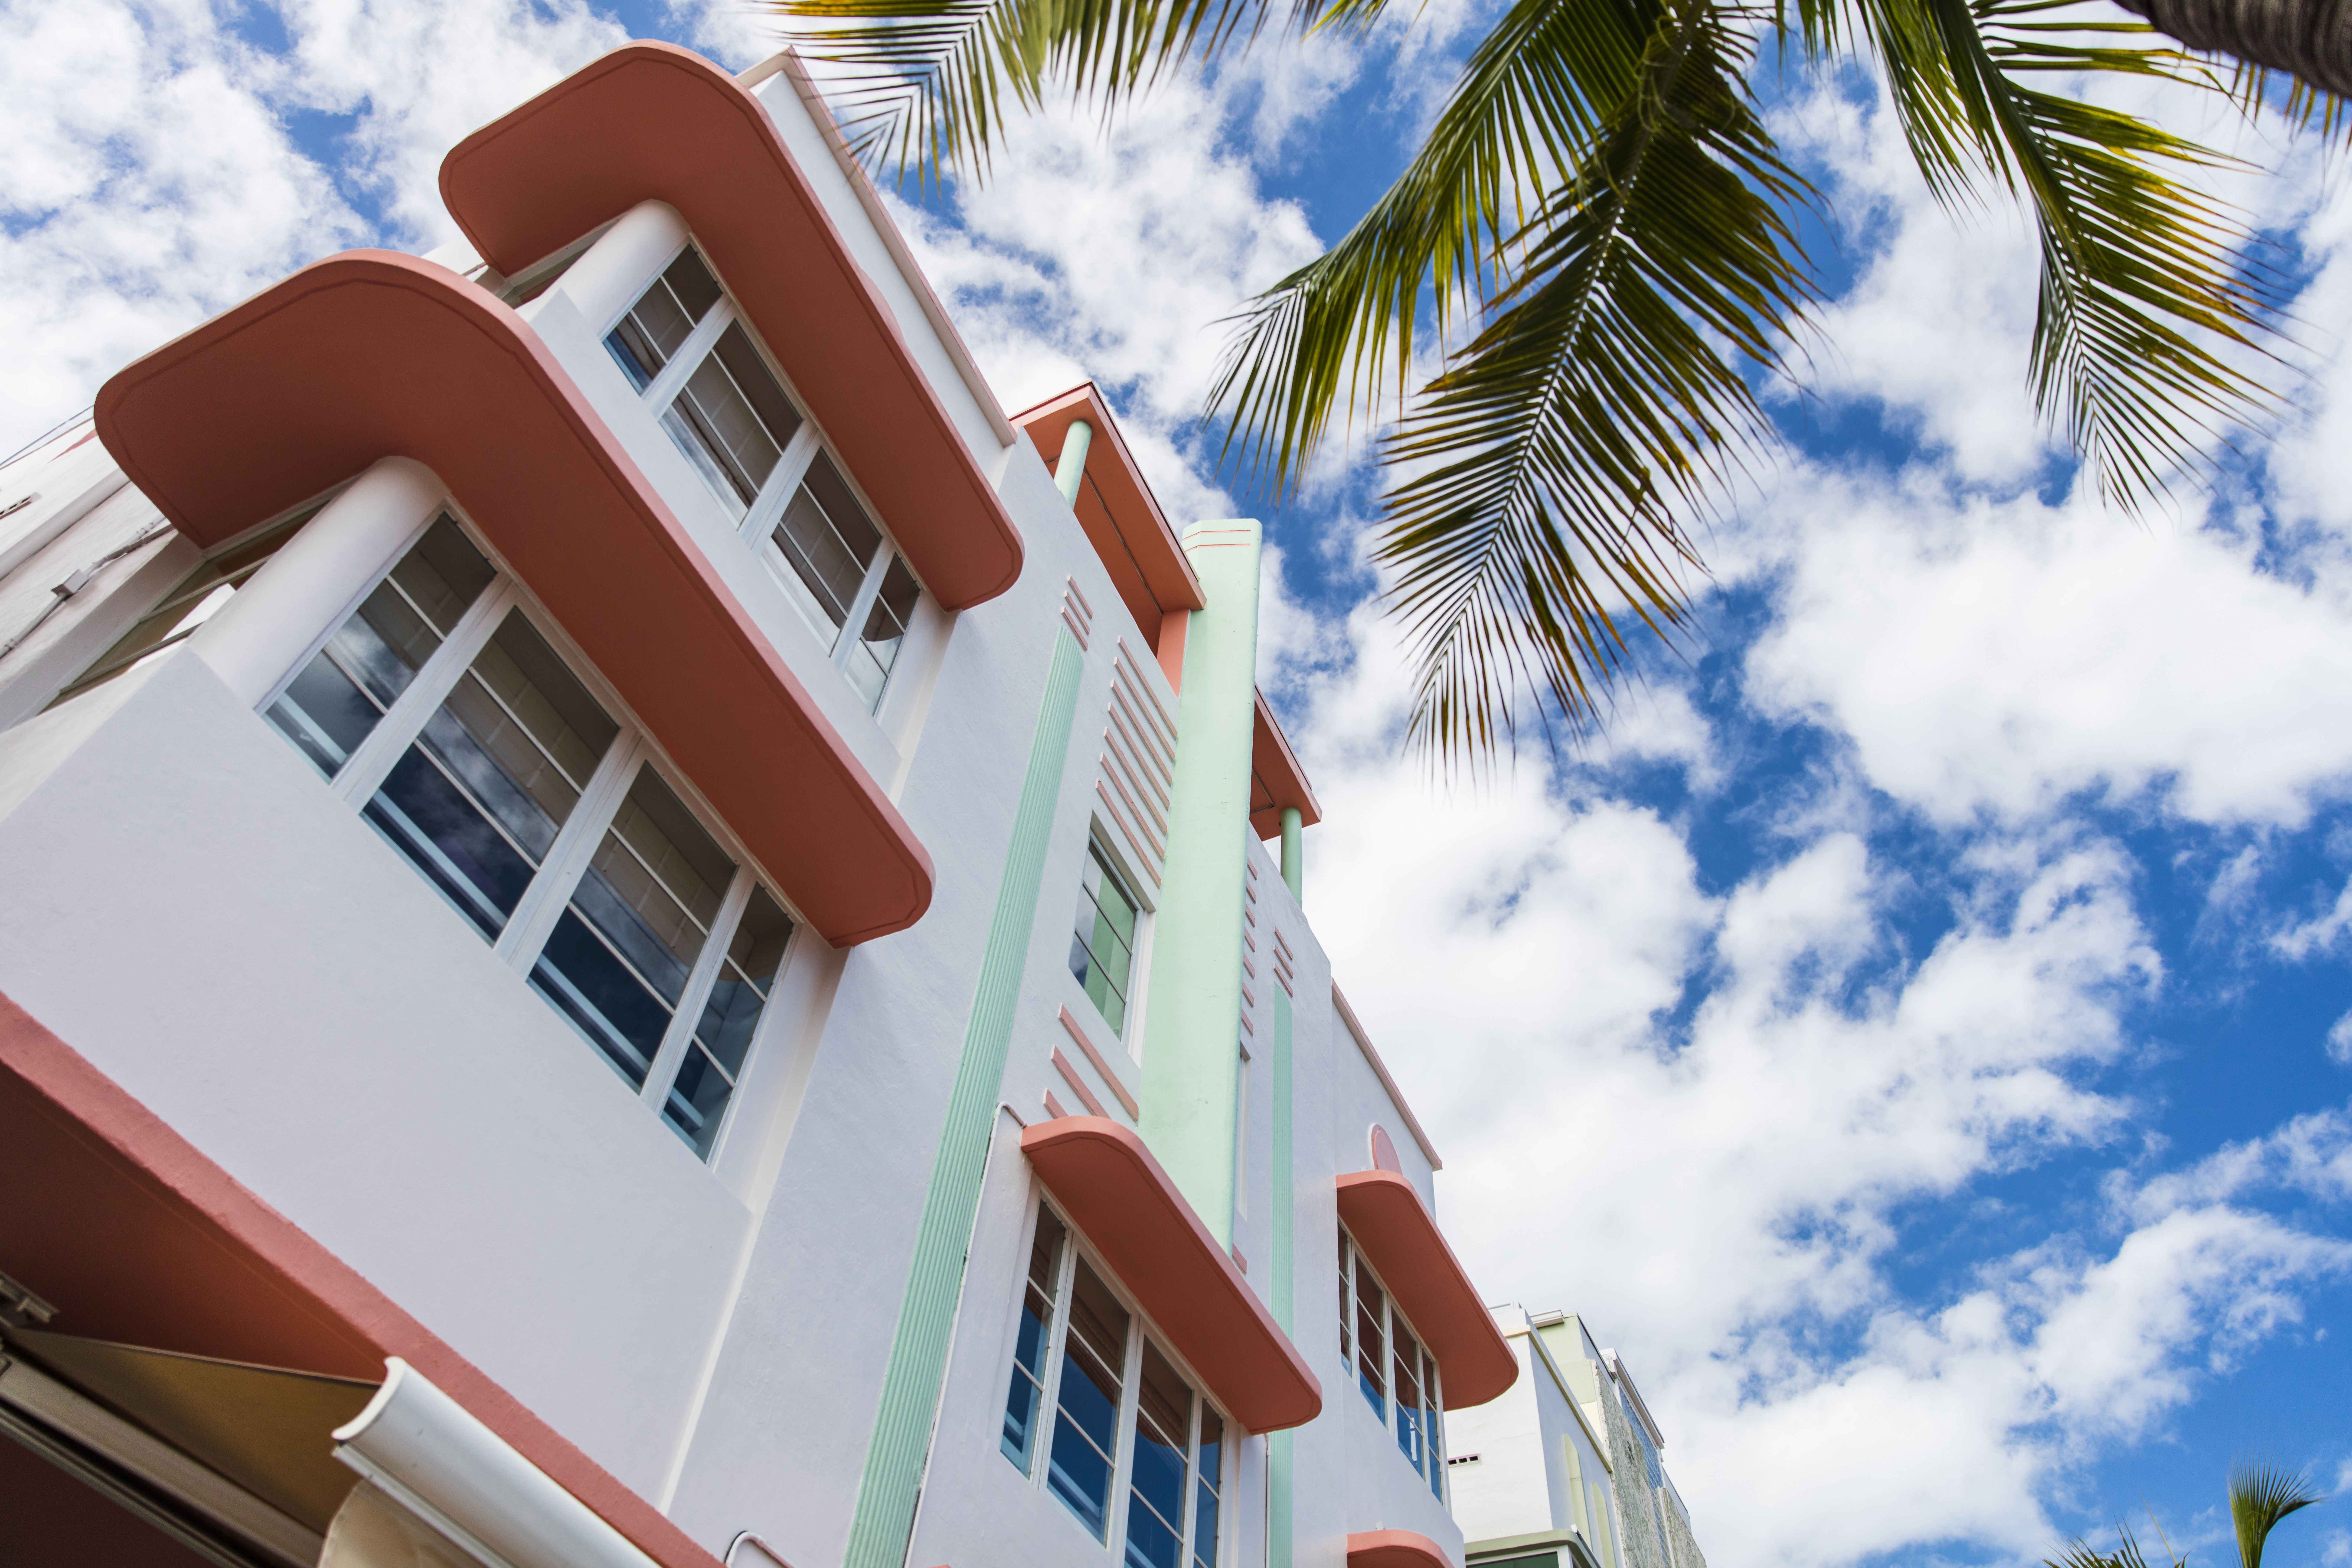 Art deco architecture in South Beach Miami